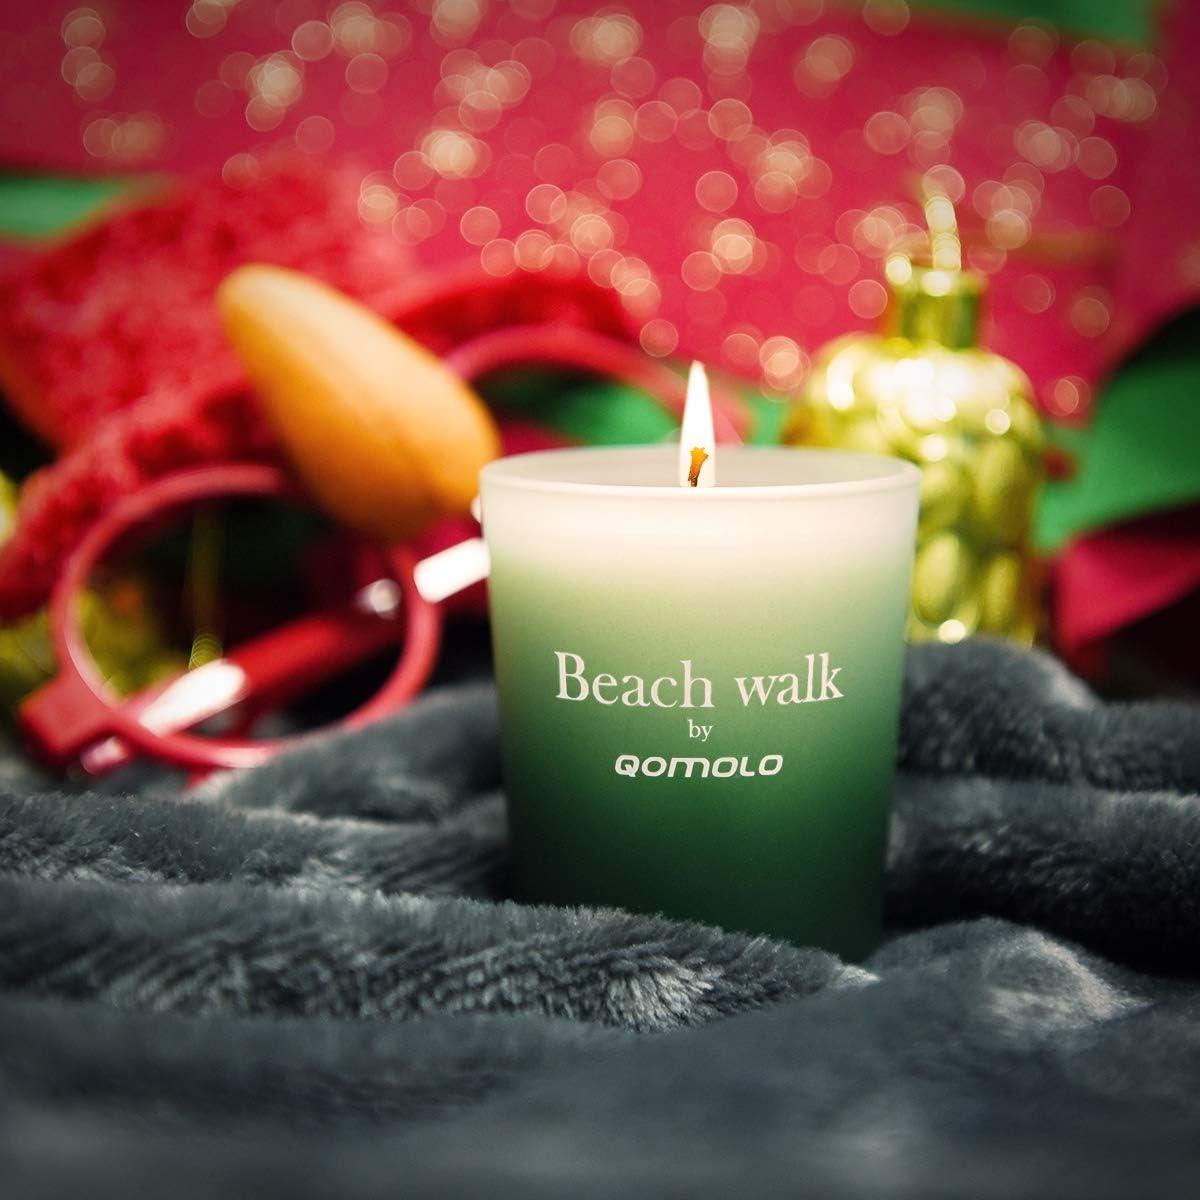 Hochzeit und Weihnachten Geschenk f/ür die Aromatherapie Verpackung f/ür Geburtstag DLOPK Duftkerzen Set mit 6 Duftkerzen aus 100/% nat/ürlichem Wachs von Soja Duftkerzen